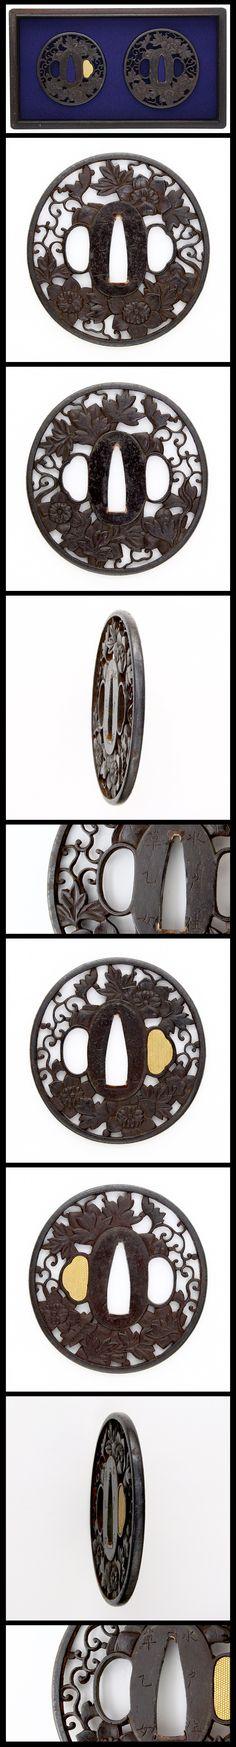 Edo Flowers engraved on round shape iron Daisho Tsuba